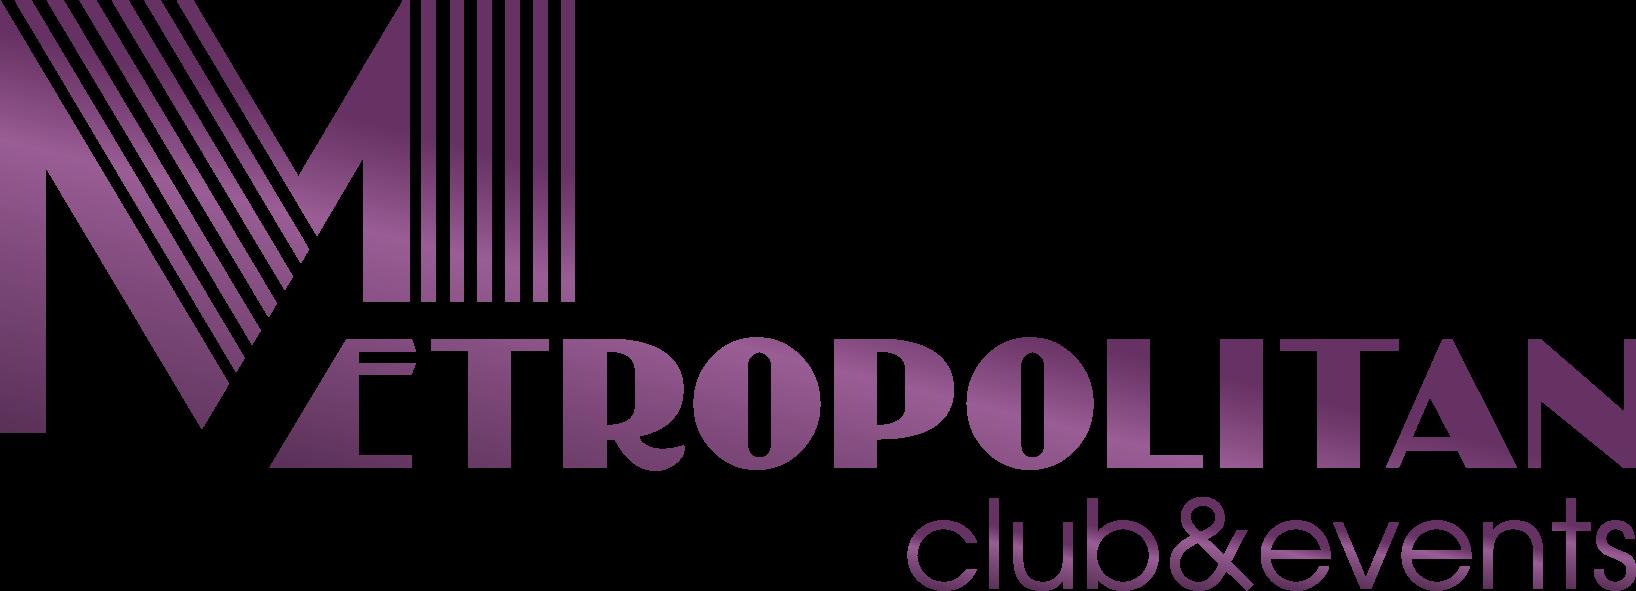 logo_purple_nobg